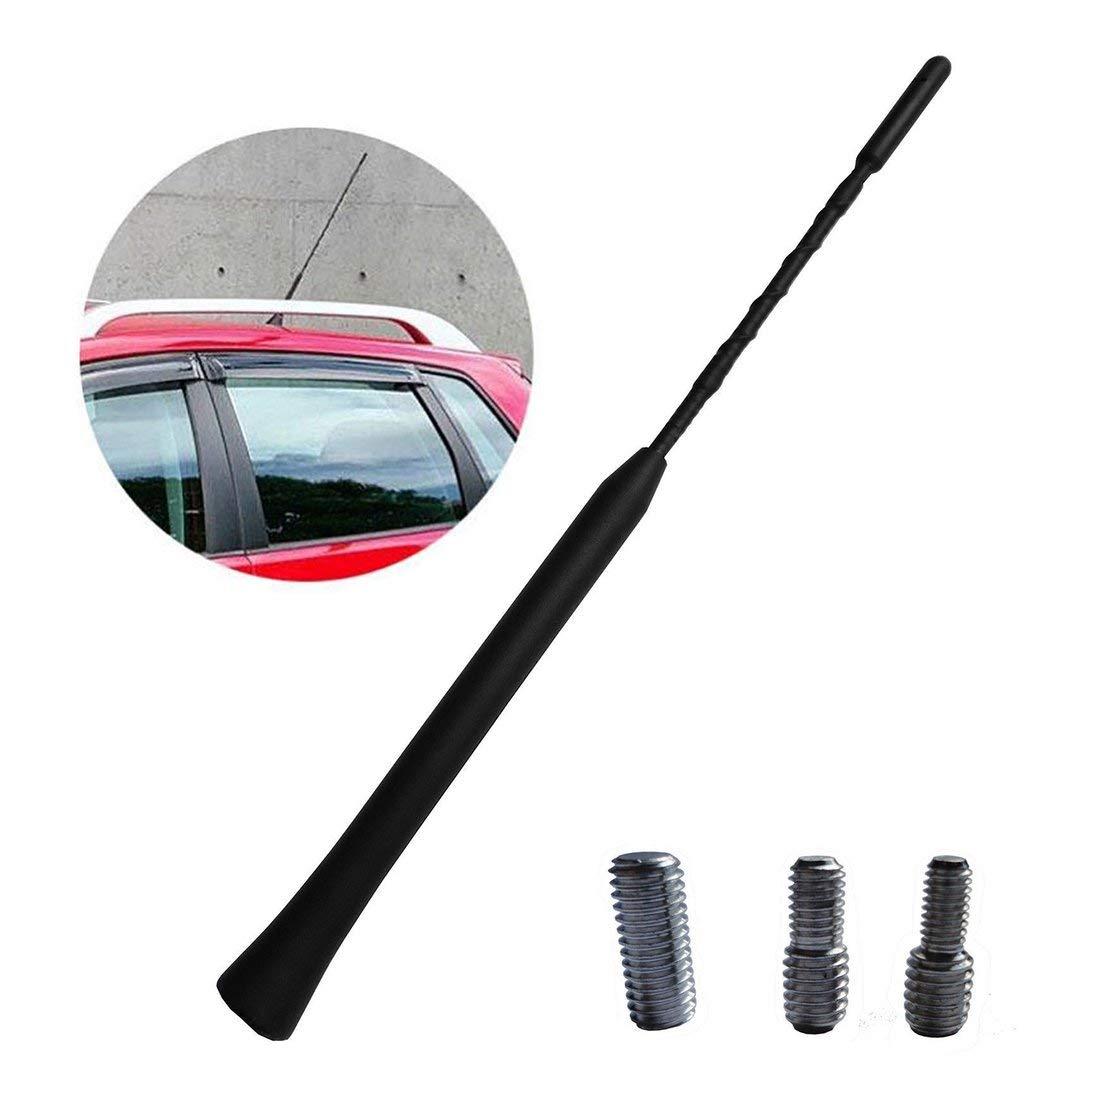 Antenne universelle de voiture de 16 pouces AM//FM de voiture antenne de toit flexible de m/ât en spirale anti-bruit r/ésistant au signal radio de signal radio